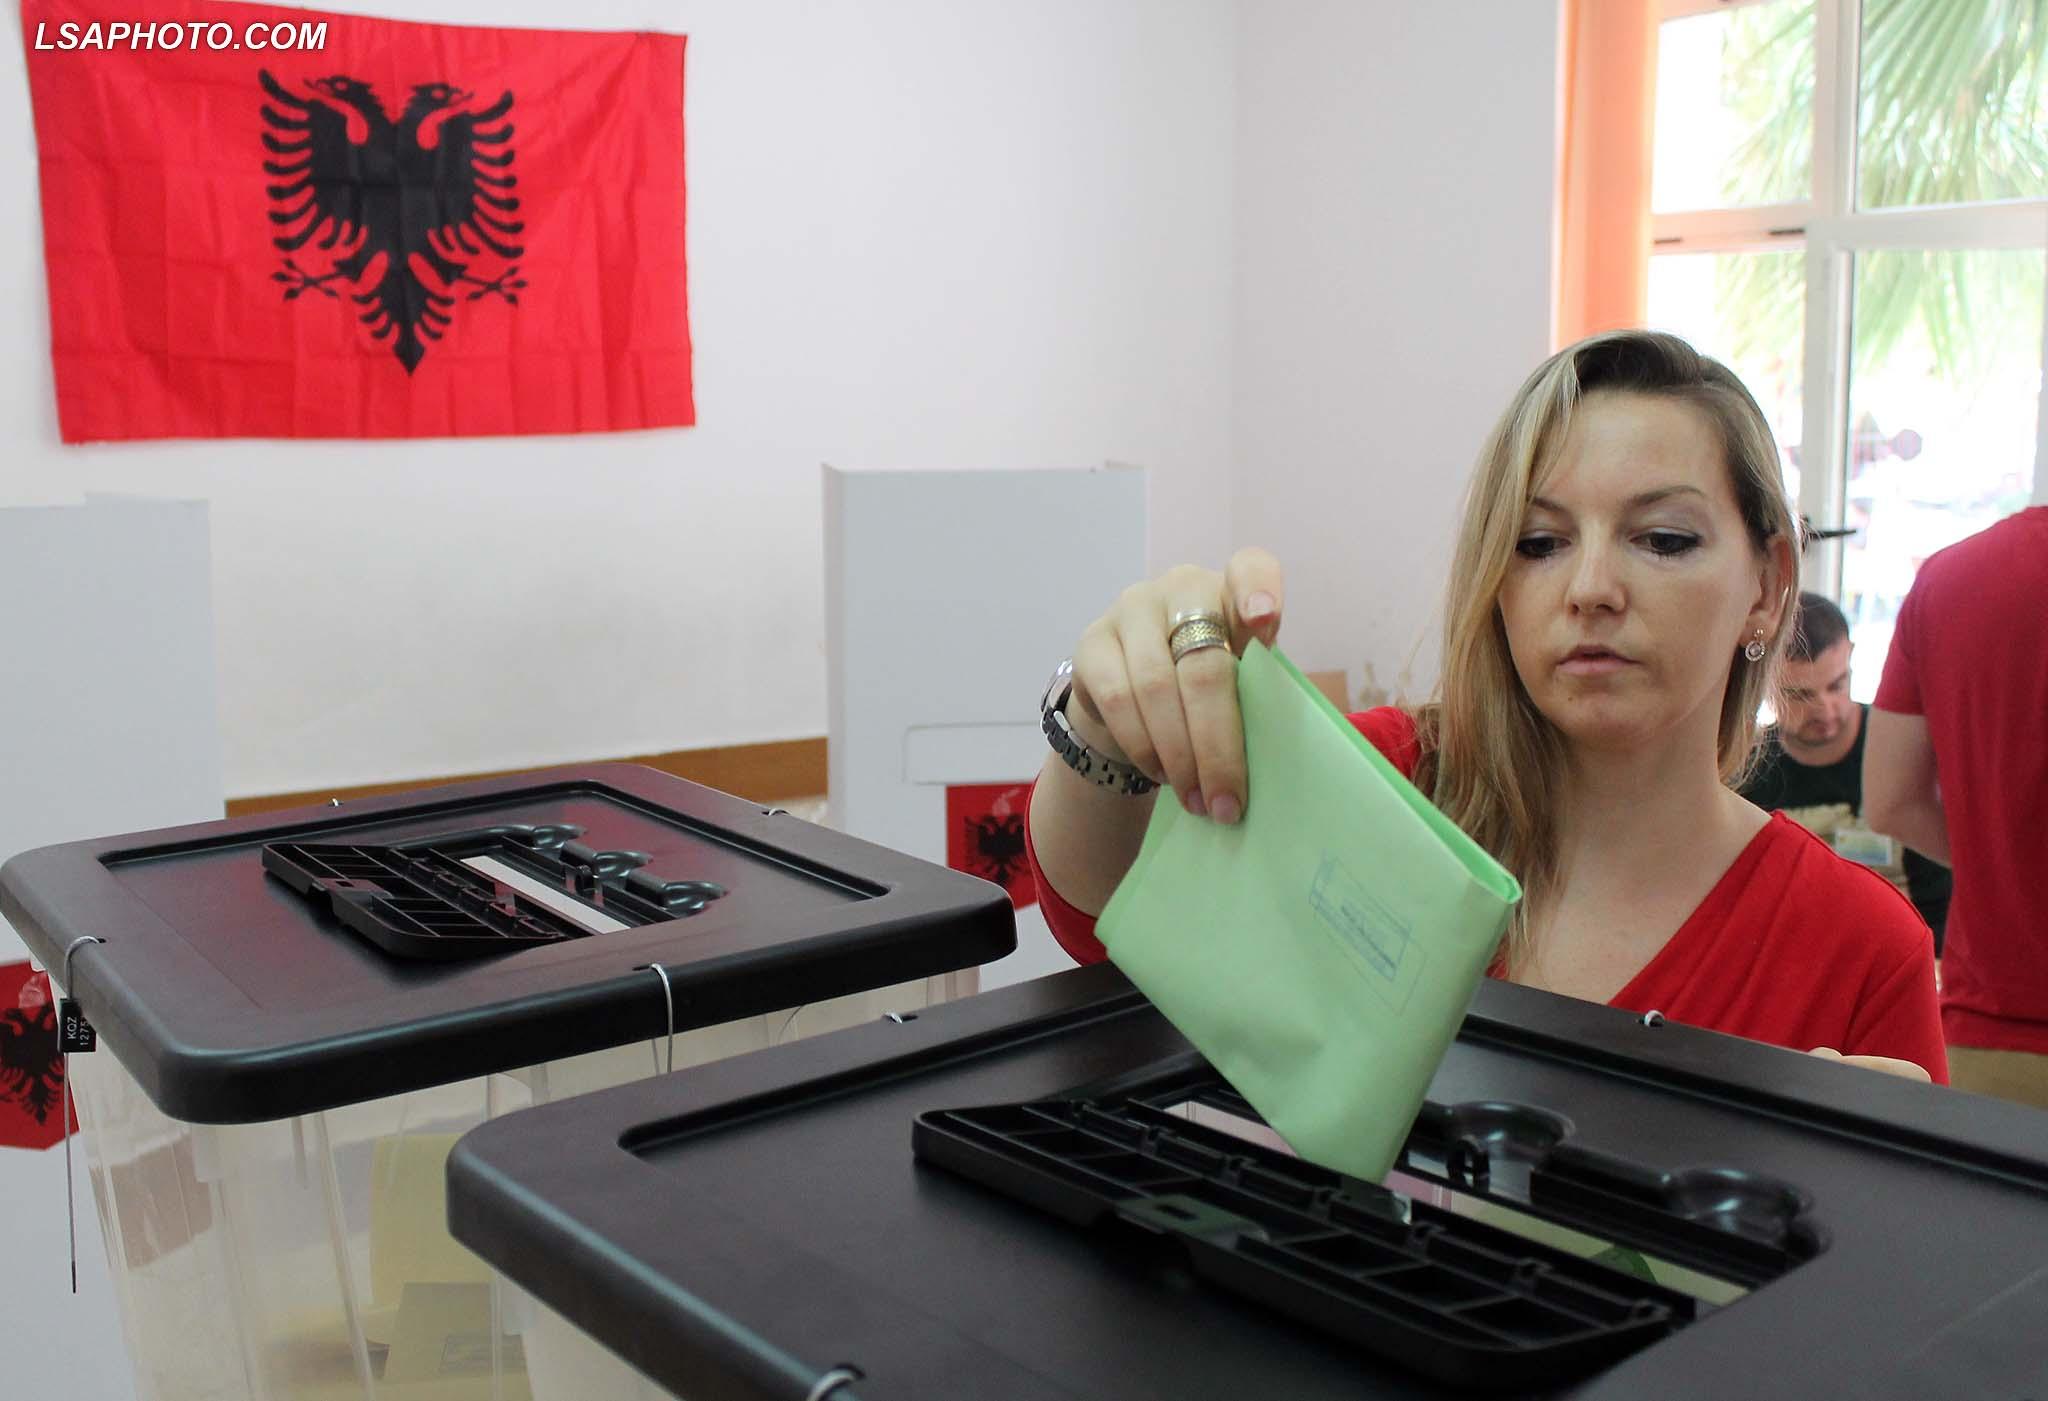 Albanija: Nastavlja se rad u odborima za izbornu reformu i smenu predsednika